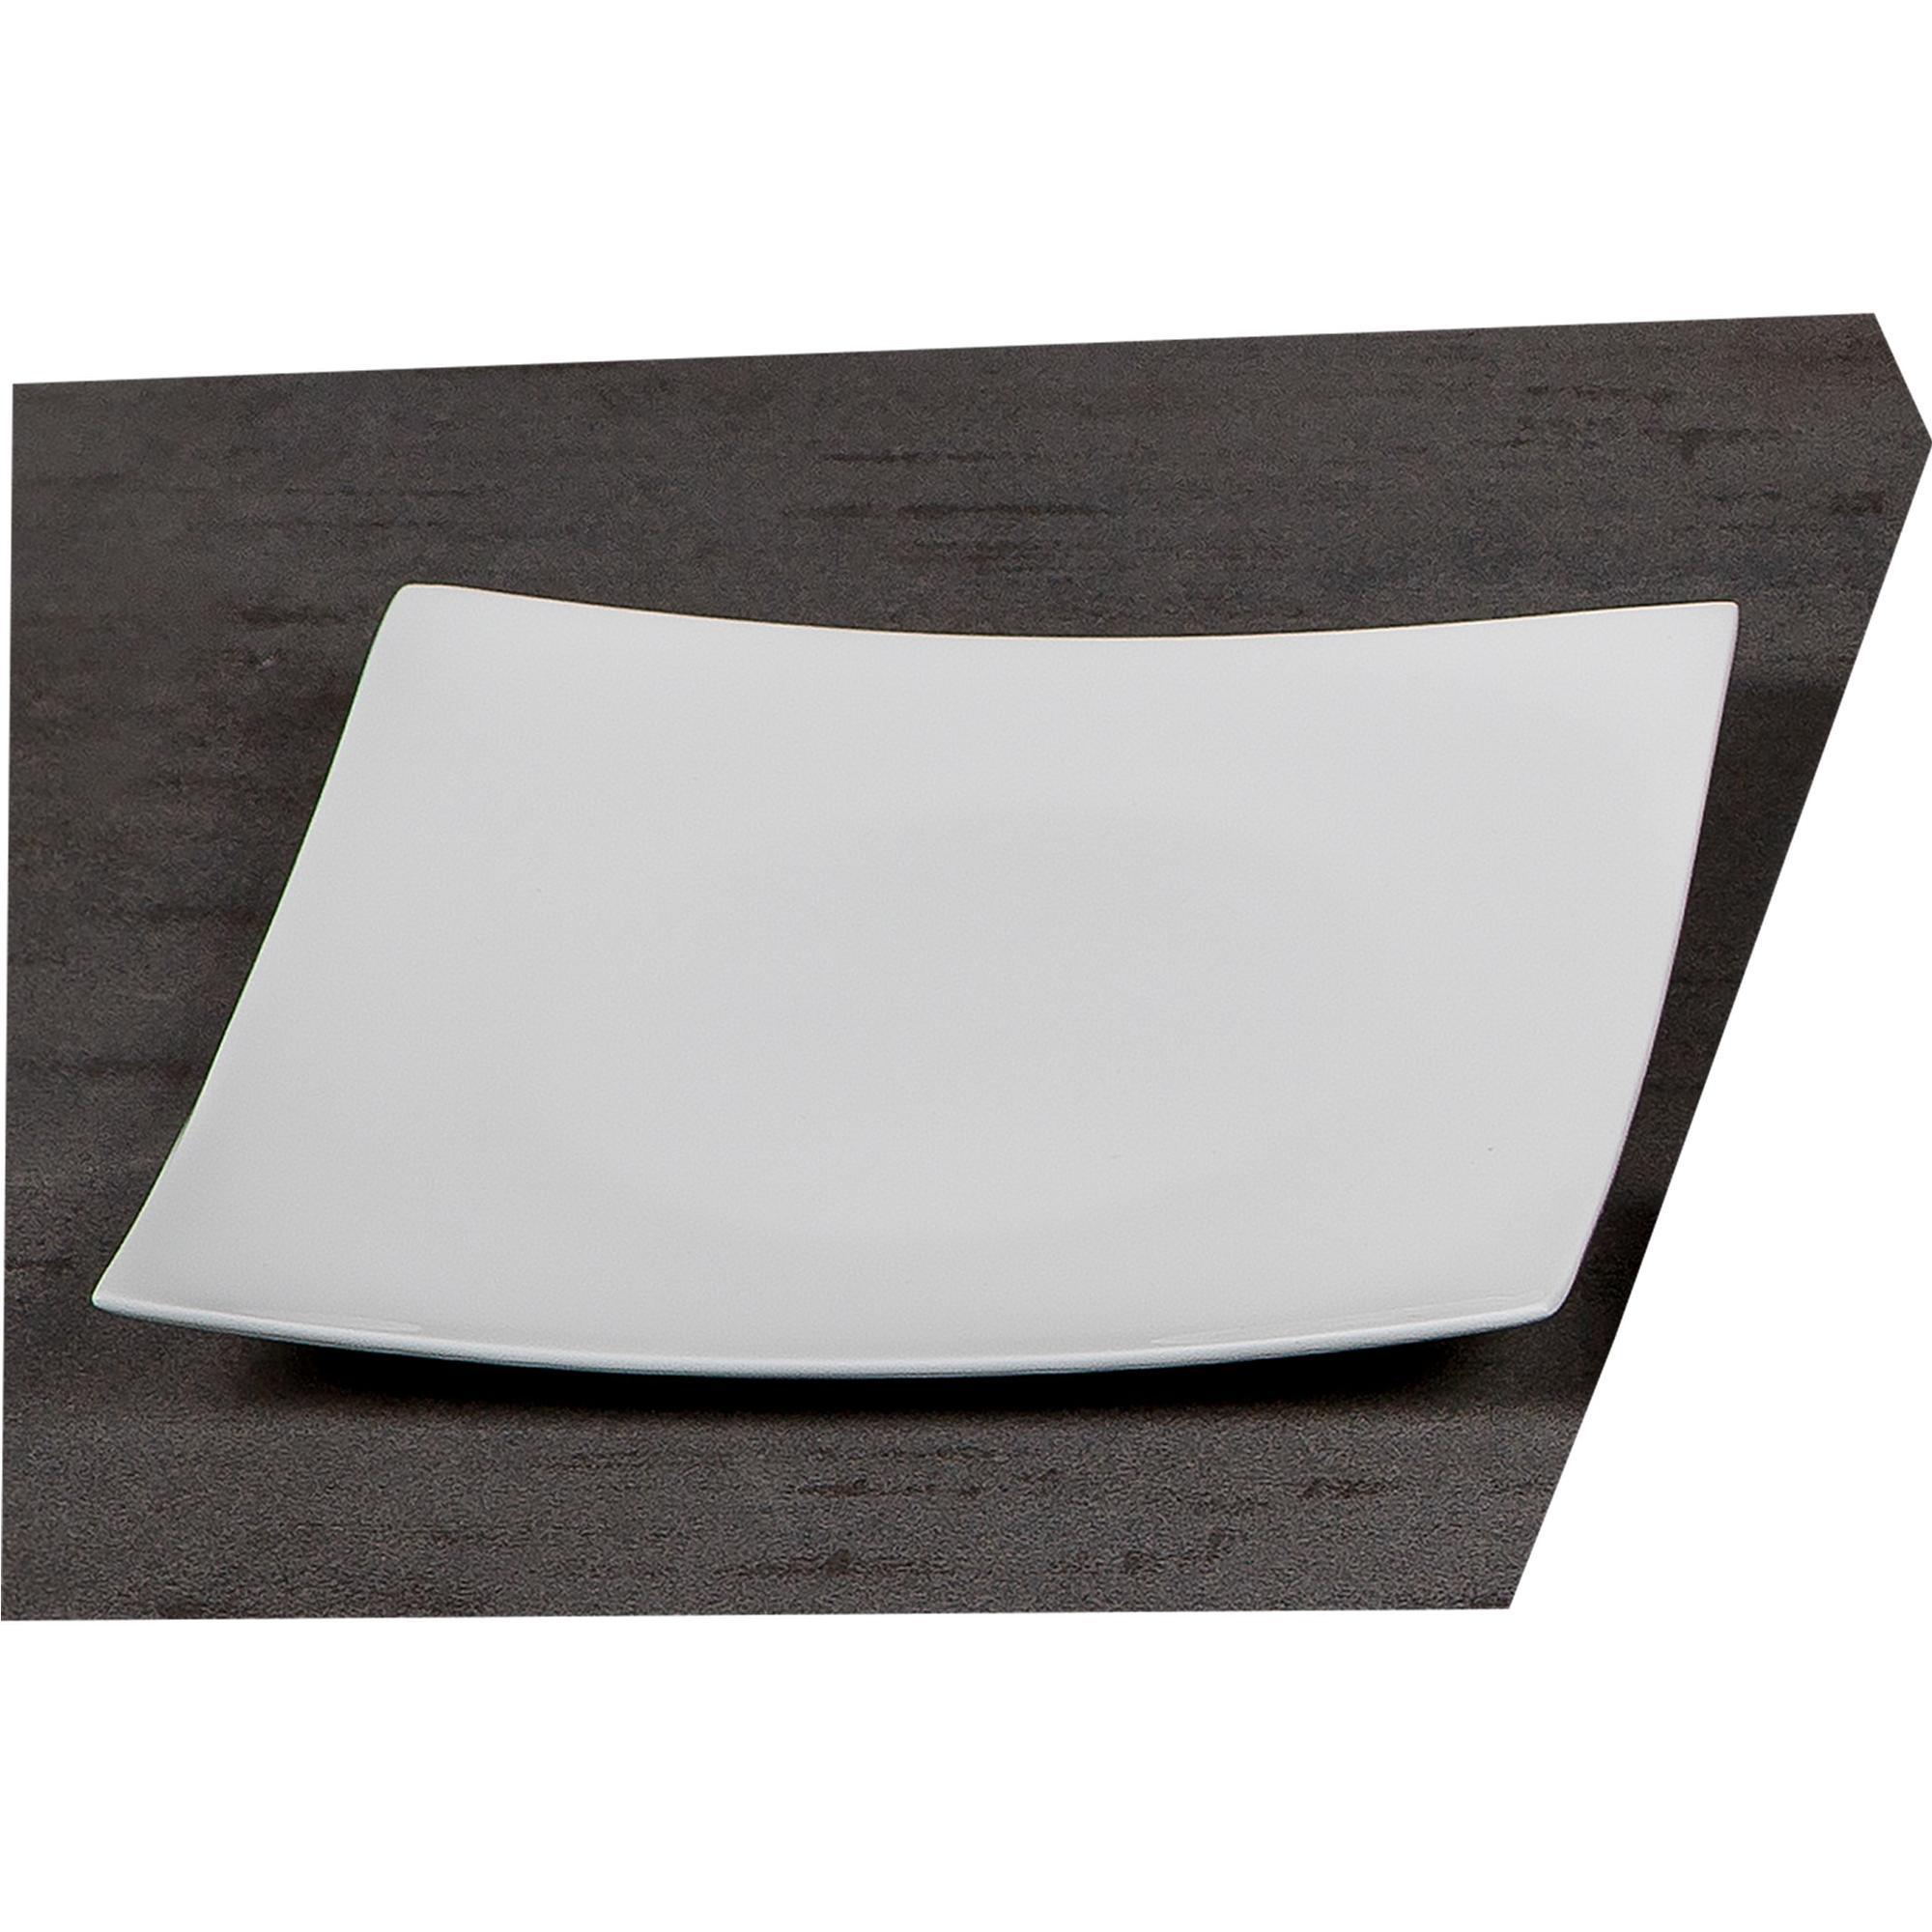 Piatti piani quadrati in porcellana elisabeth 6 pezzi for Piani cucina quadrati